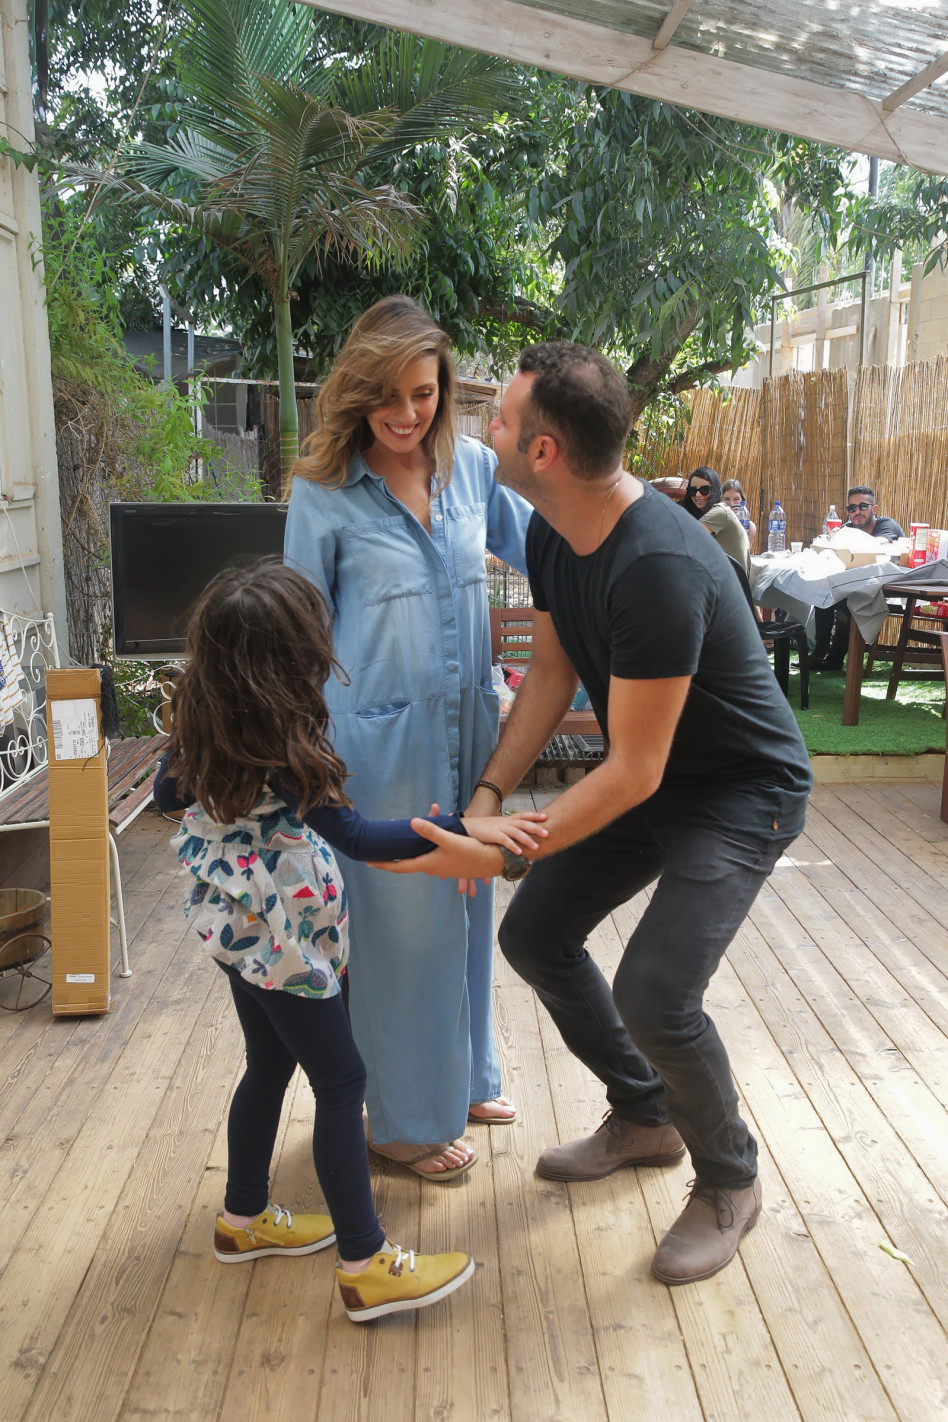 משפחה שכזאת. שמעון גרשון ומלי לוי עם היאלי (צילום: שוקה כהן)